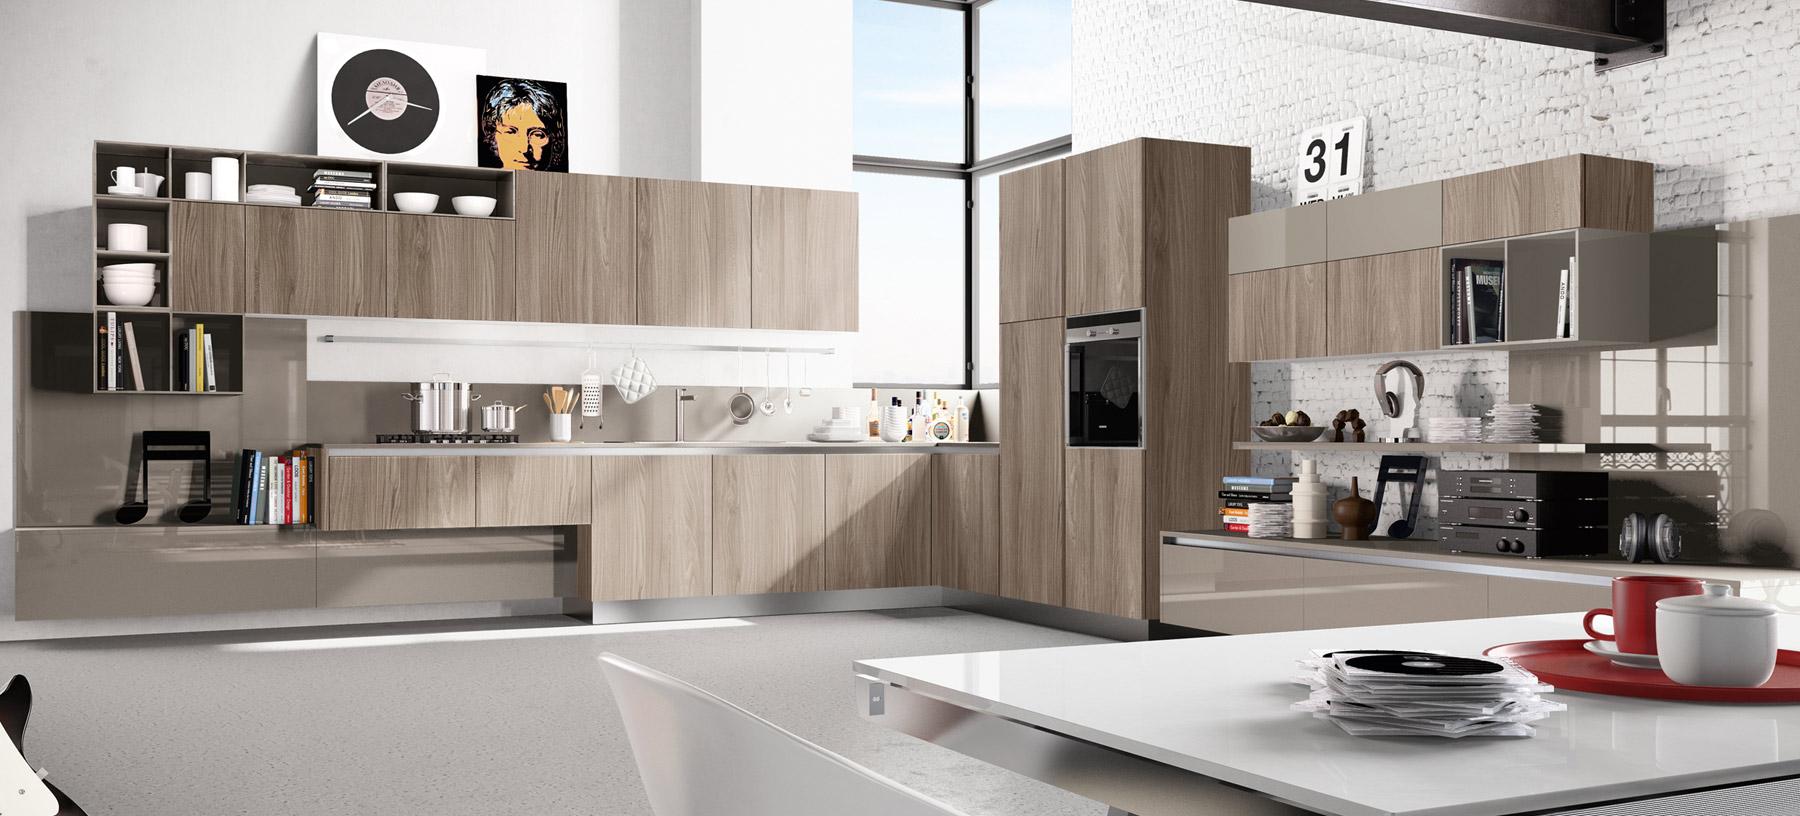 kitchen designs that pop modern kitchen design